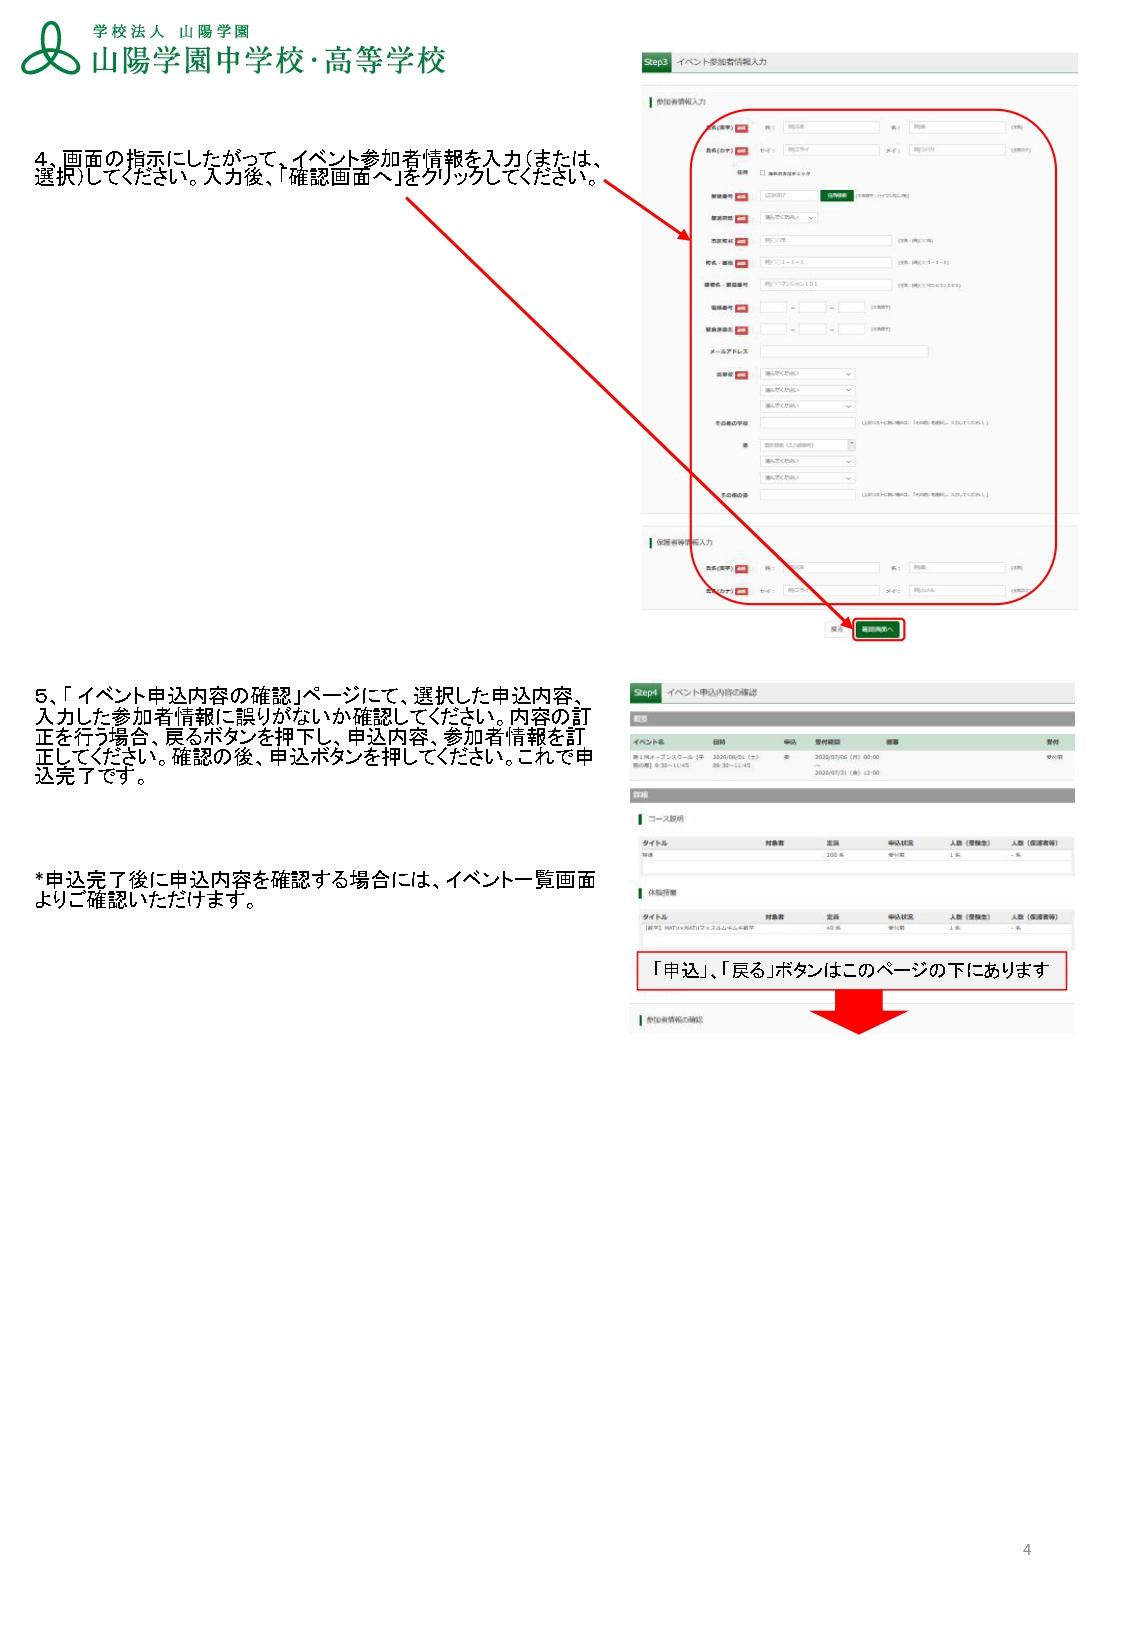 オープンスクール申込マニュアル(HP用)004